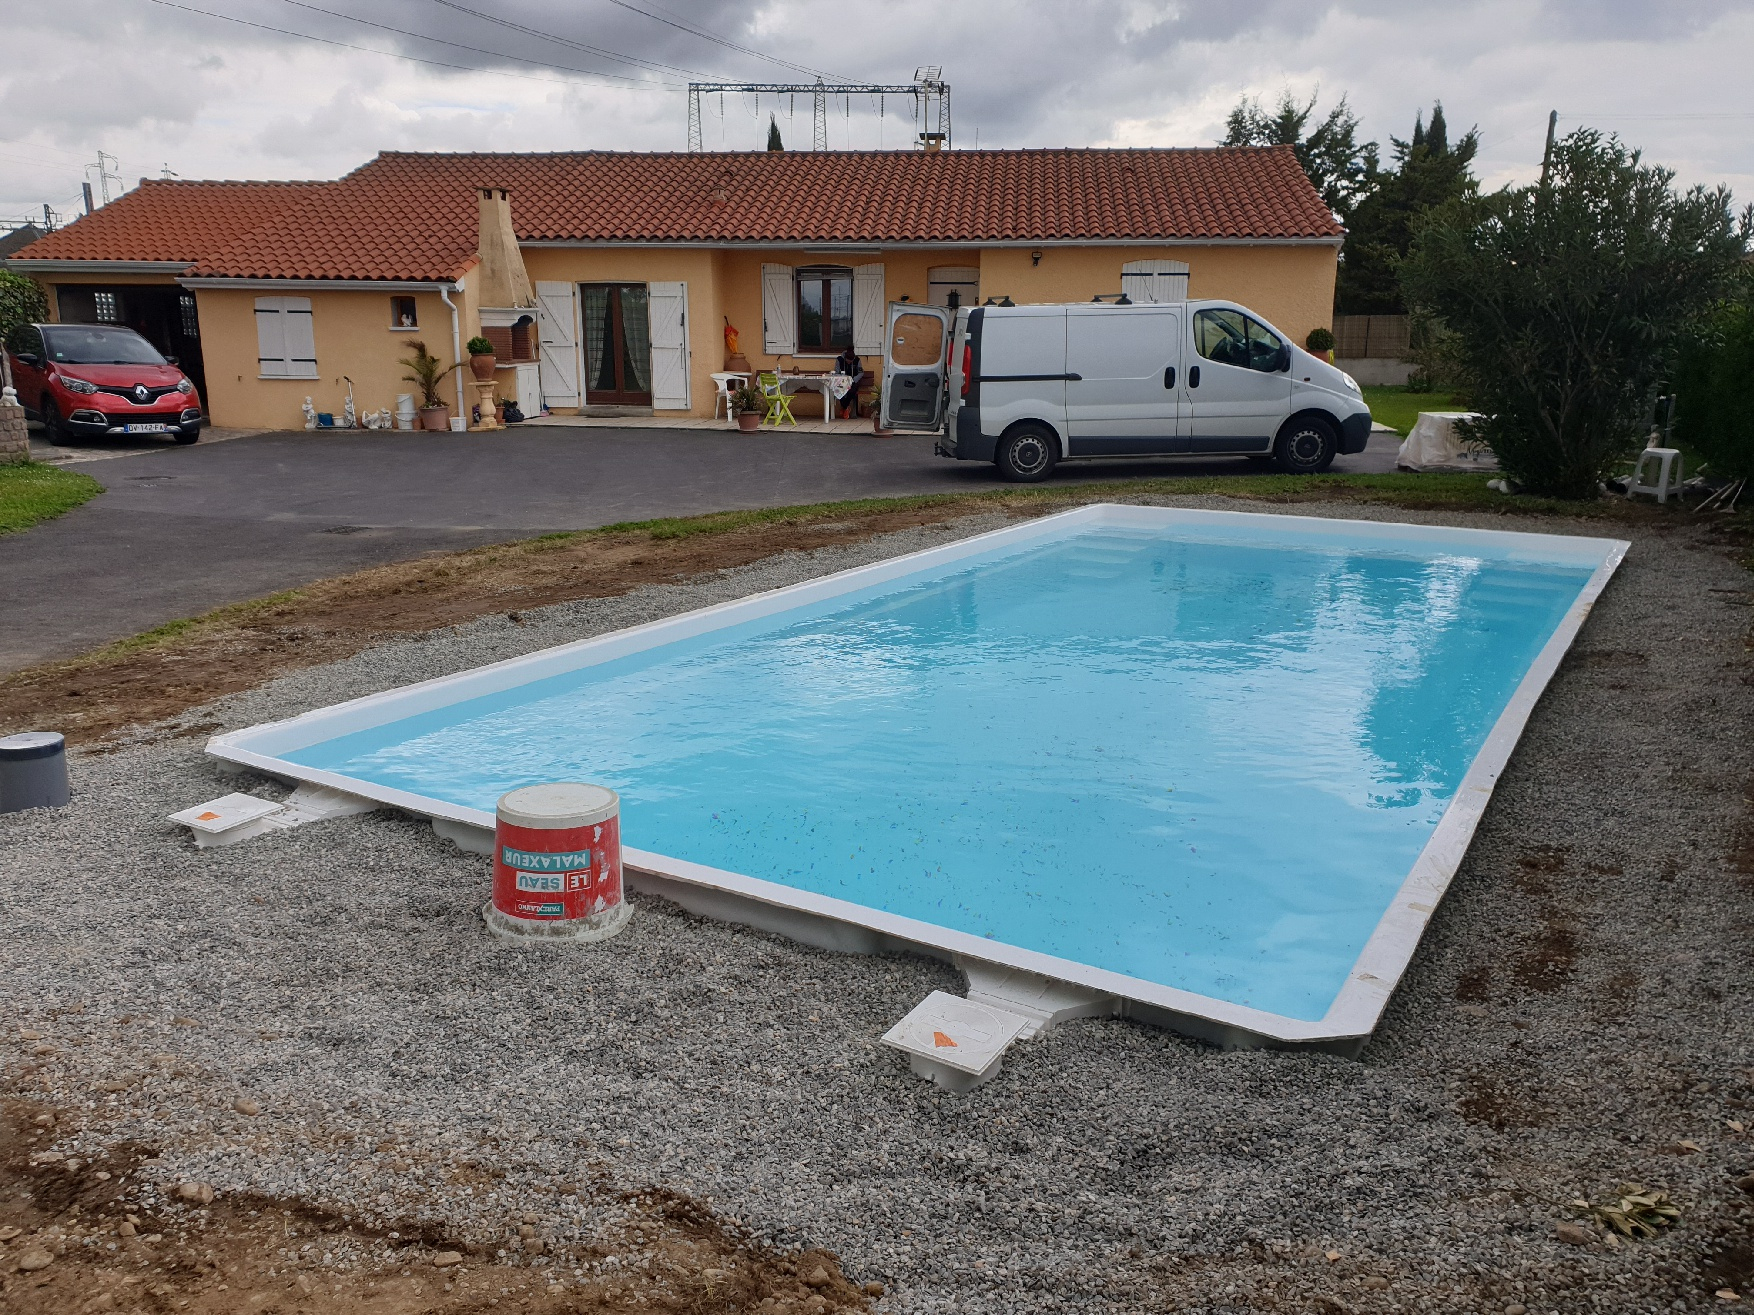 Piscine Coque Polyester 8.50M X 4M Profondeur 1.50M À Portet ... concernant Piscine Portet Sur Garonne